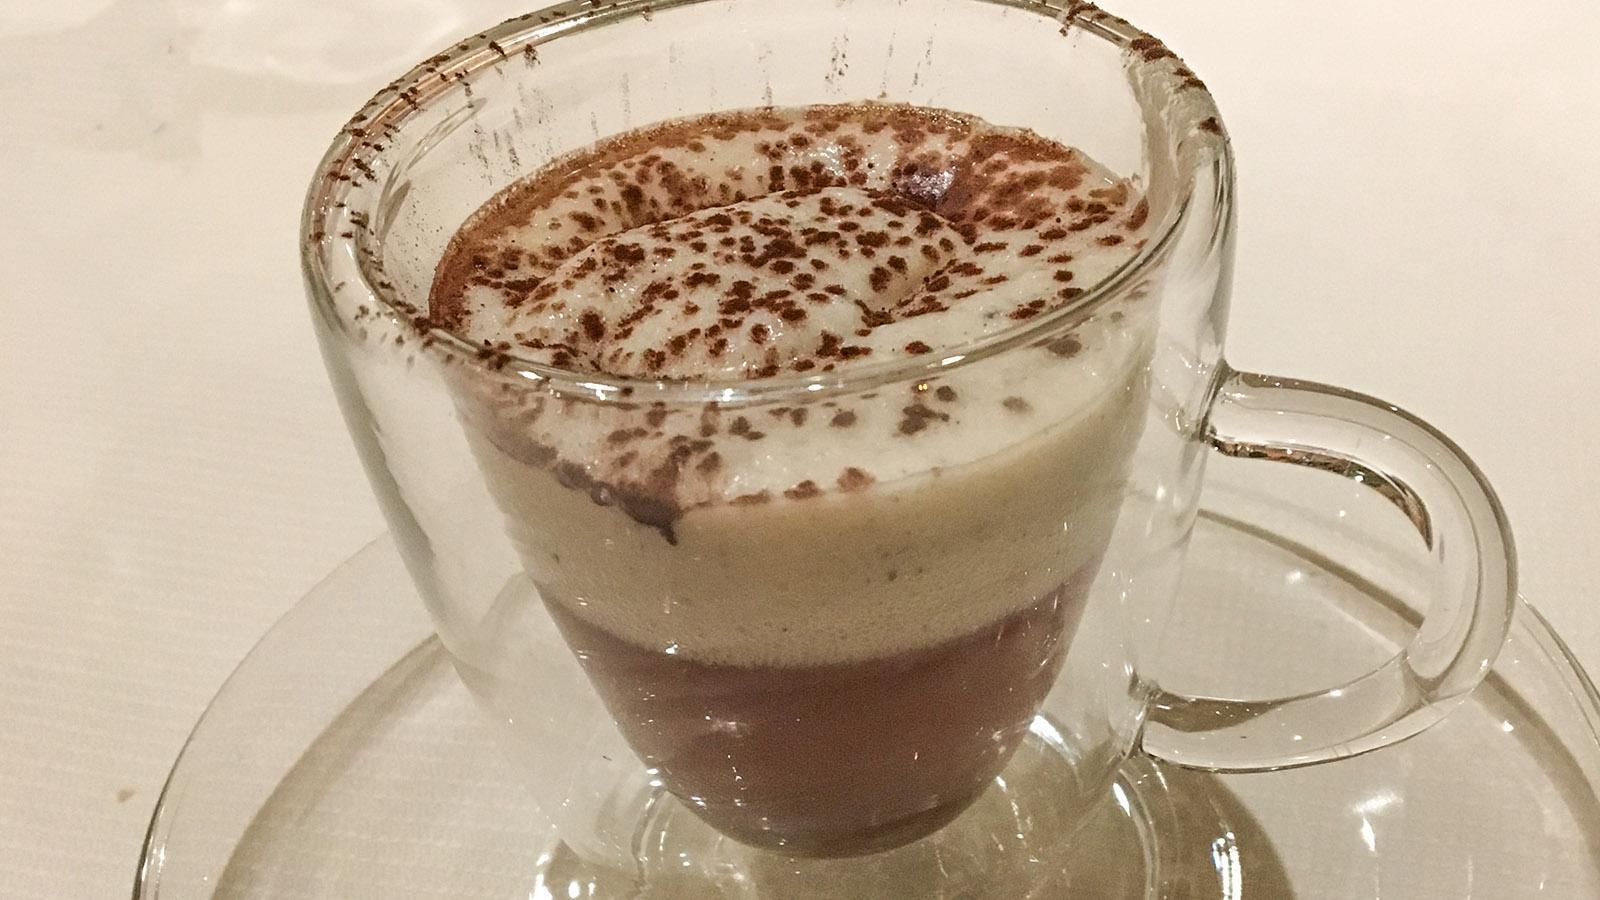 Bruno Chartron: Consommé de volaille en cappuccino truffé. Foto: Hilke Mander